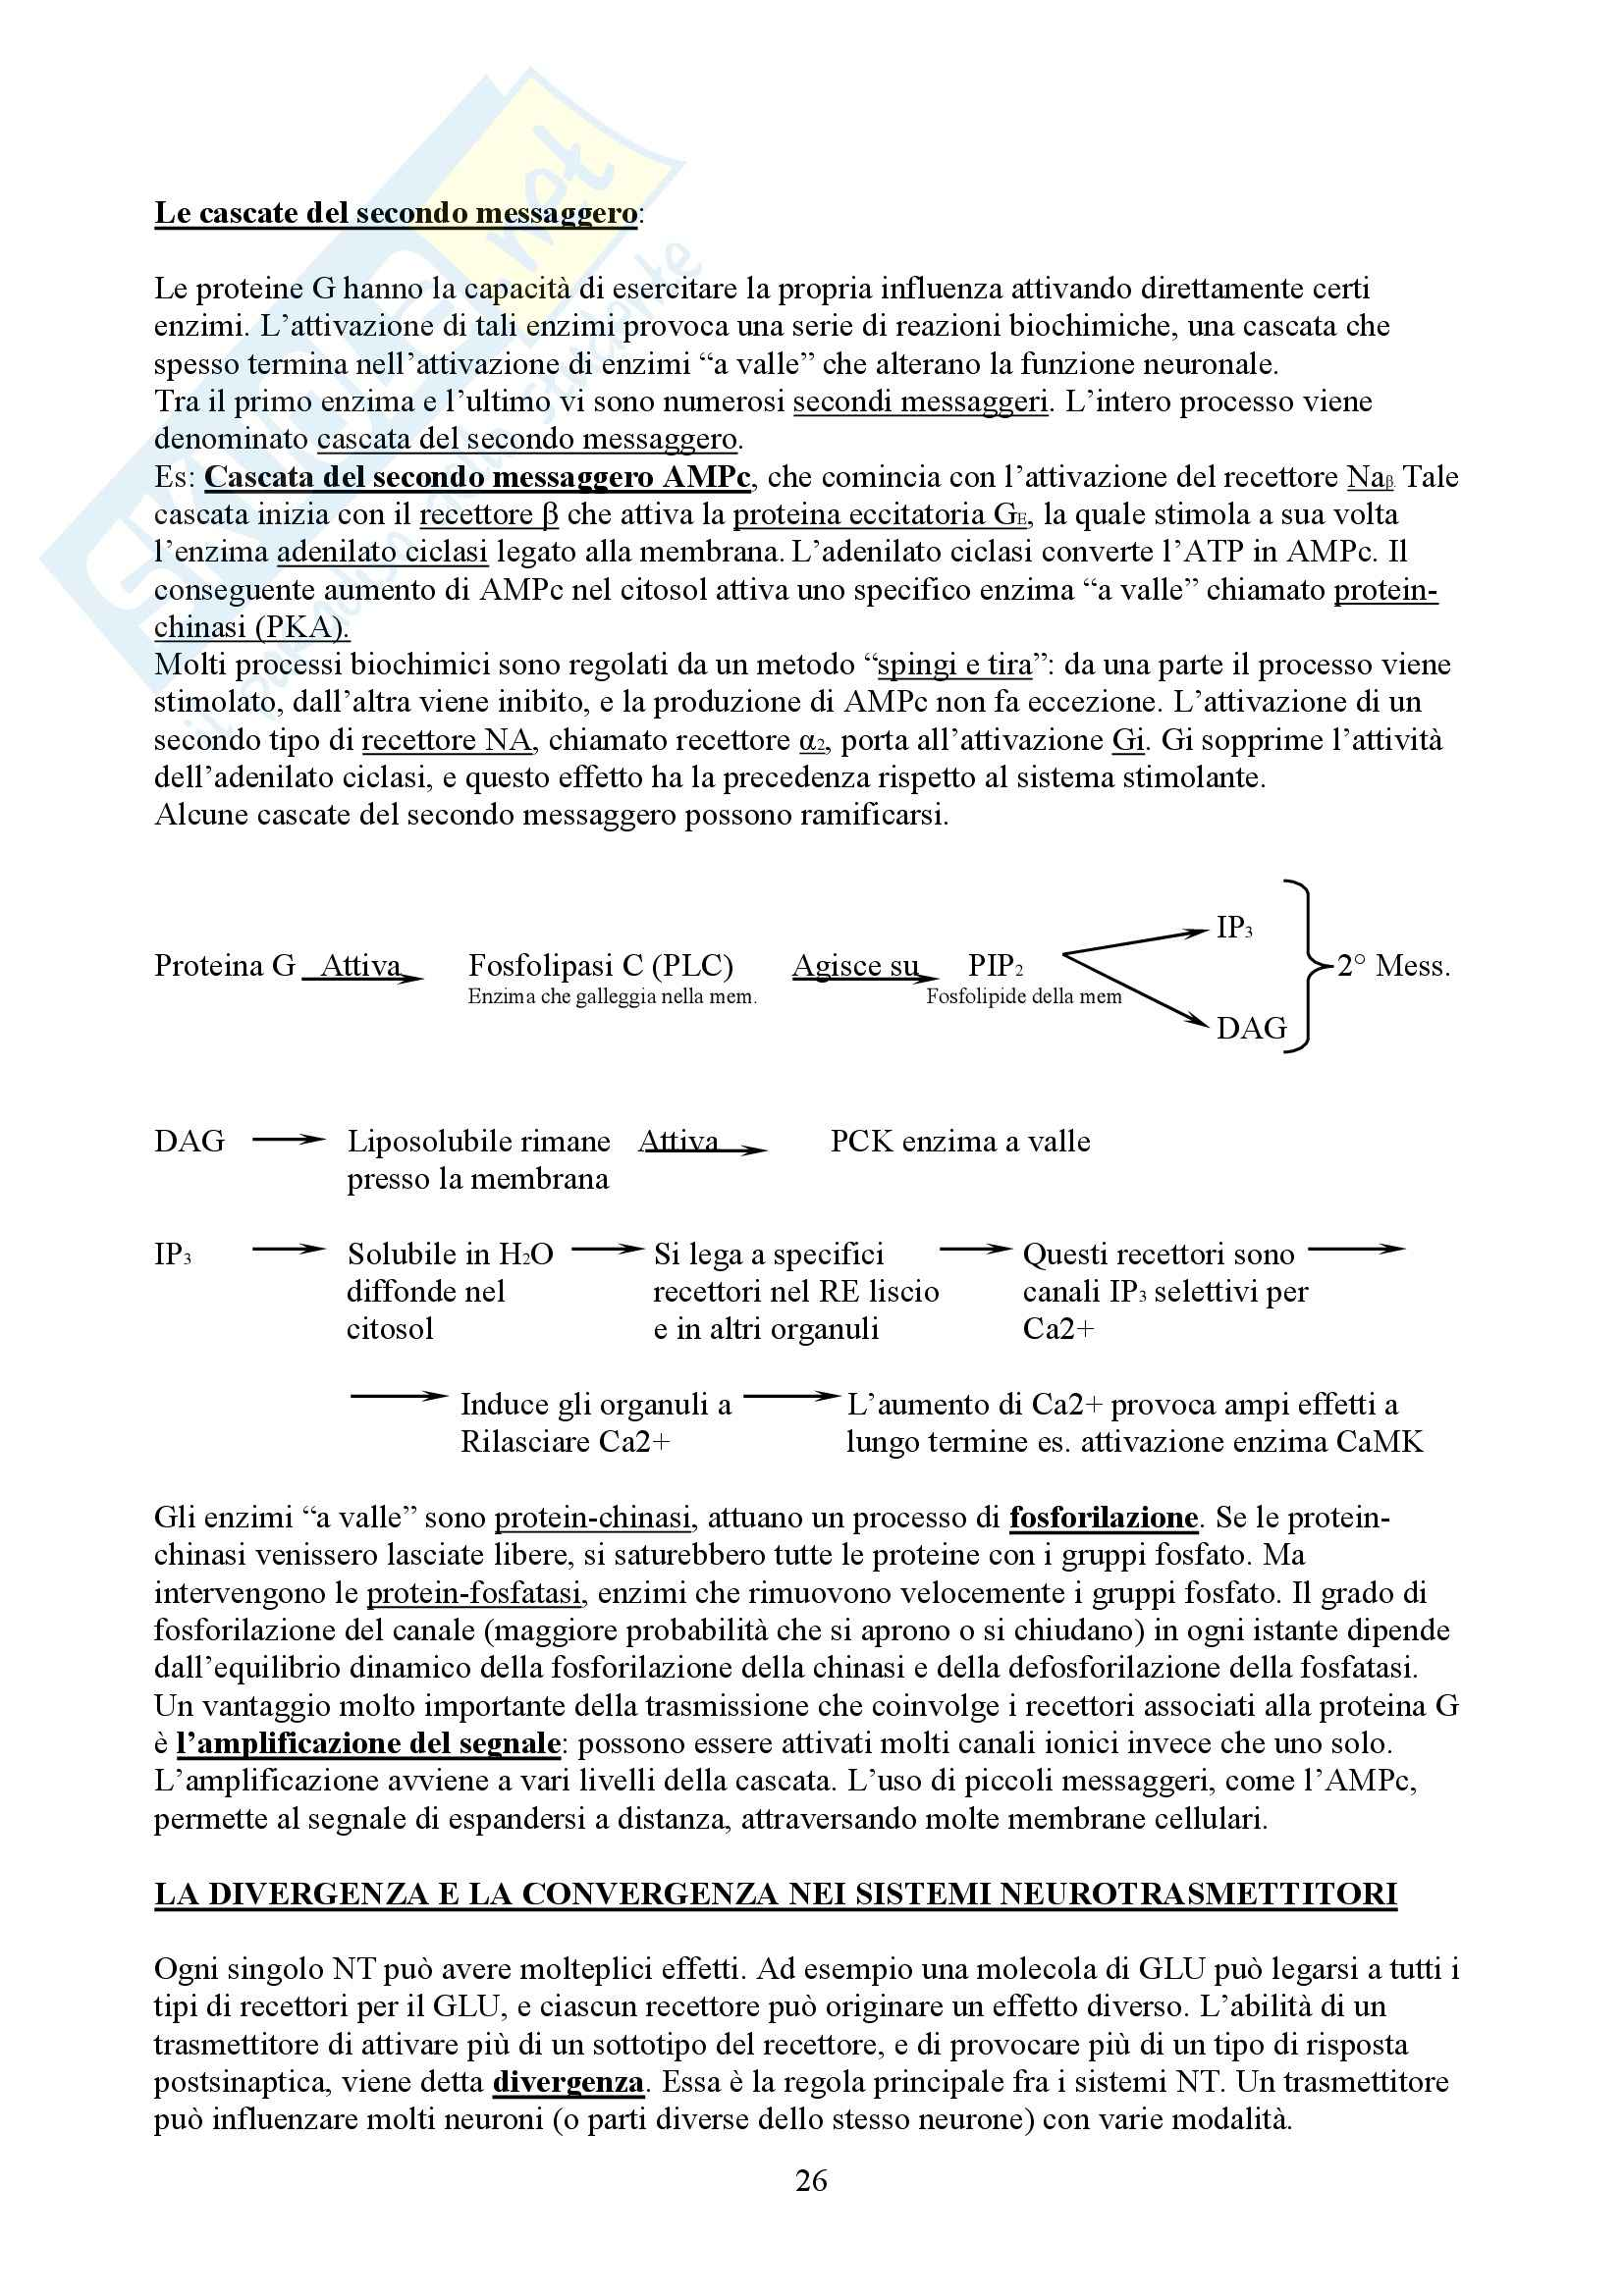 Neuropsicologia - fondamenti anatomo fisiologici dell'attività mentale Pag. 26